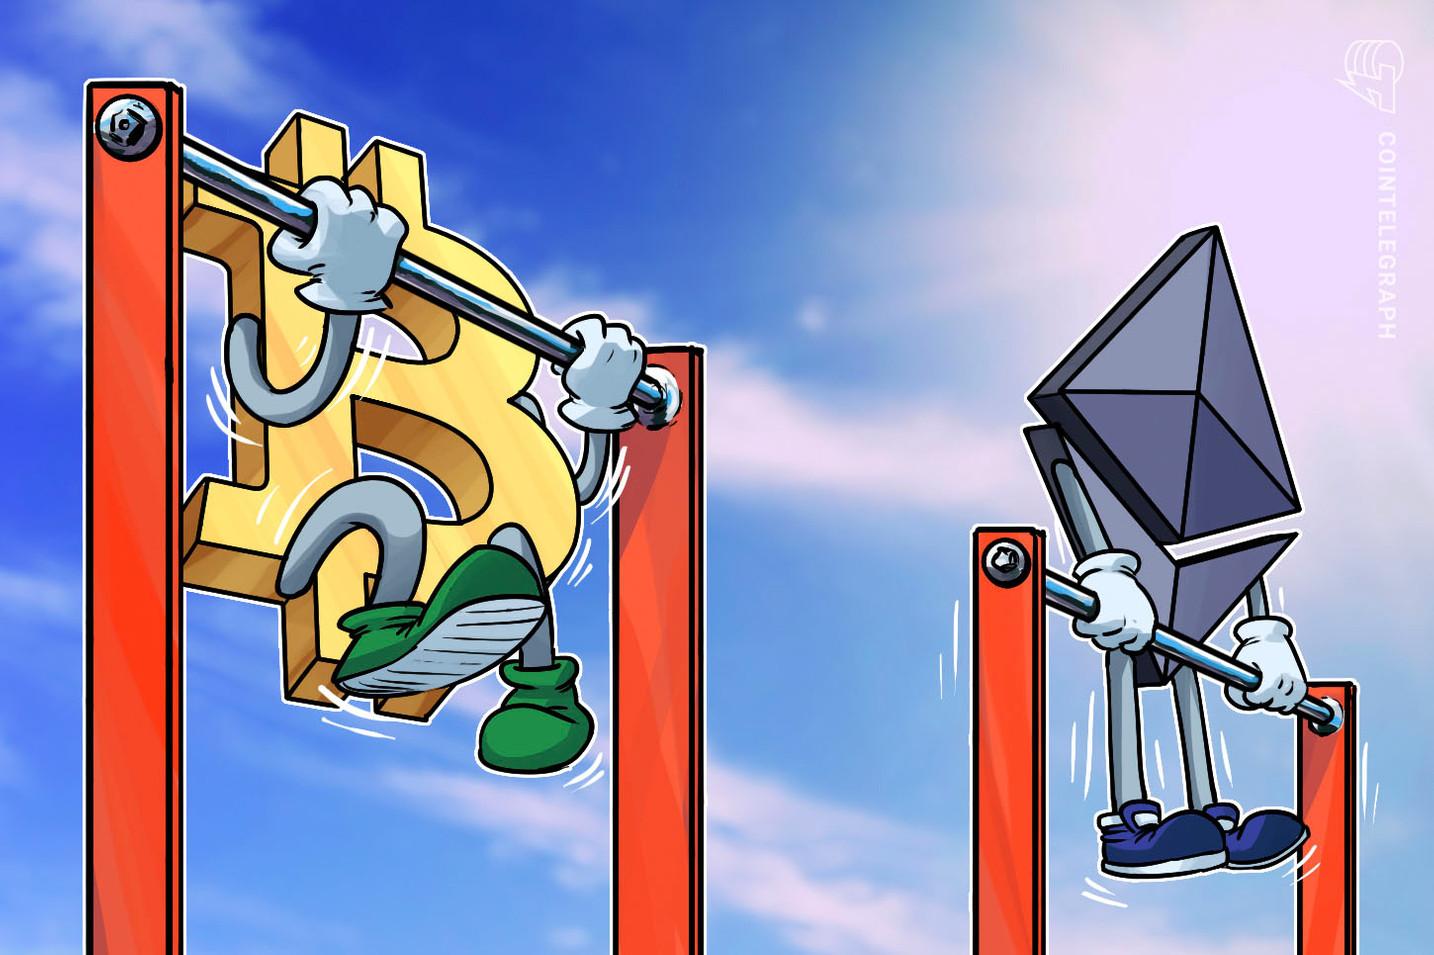 Capitalización de mercado de tokens ERC-20 respecto a Ethereum alcanza un máximo histórico